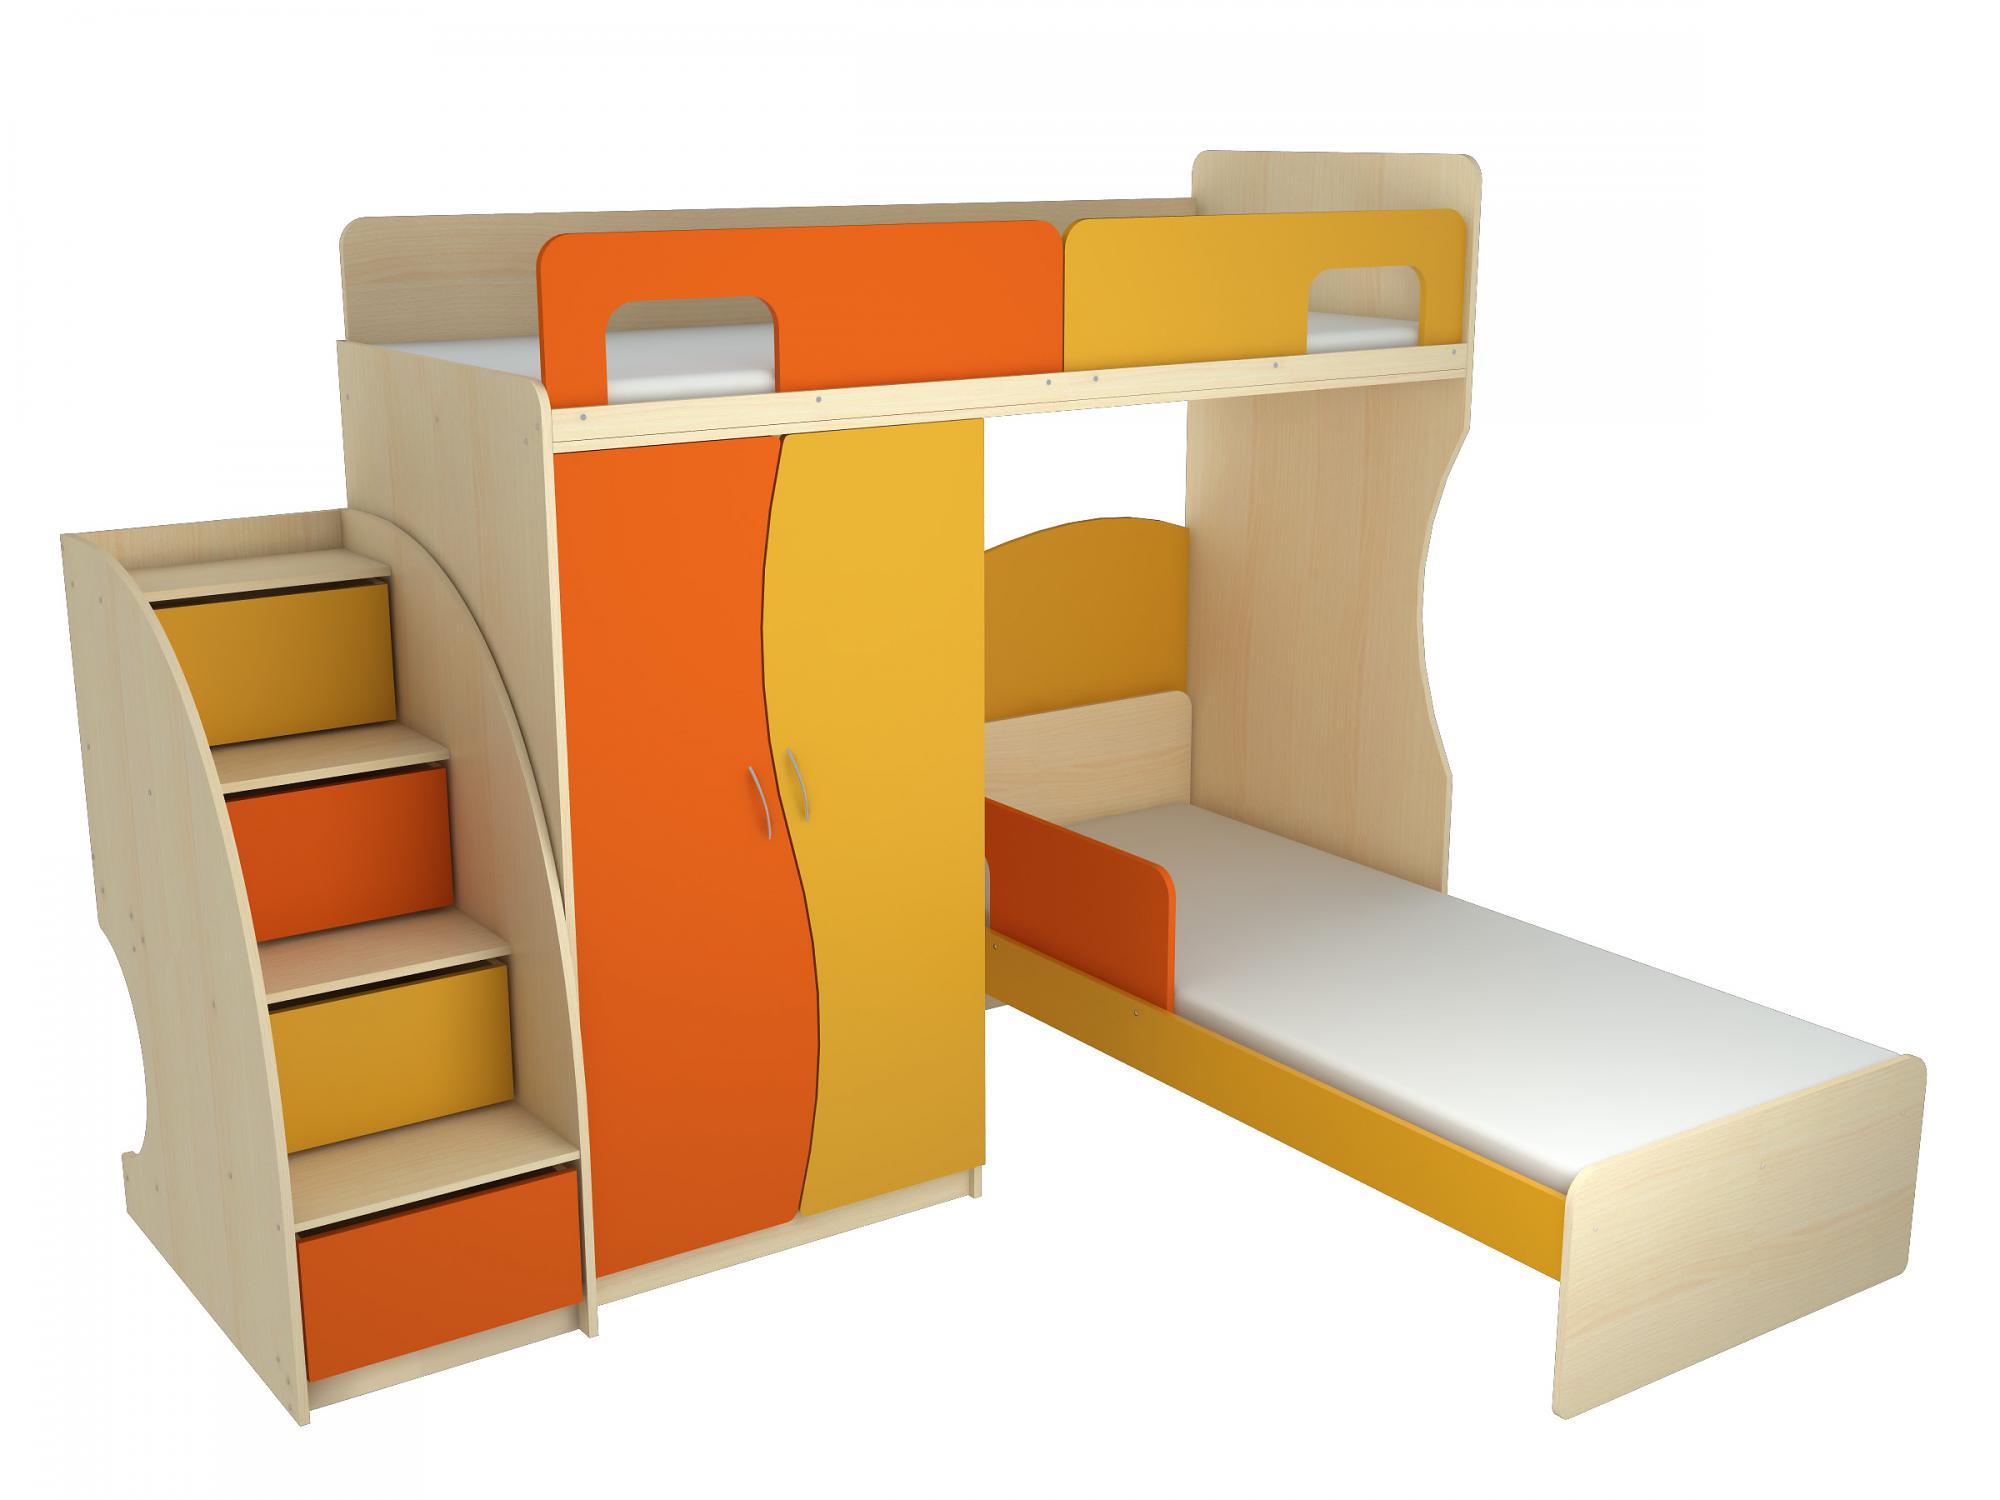 Каталог детской мебели в новом уренгое - низкие цены!.